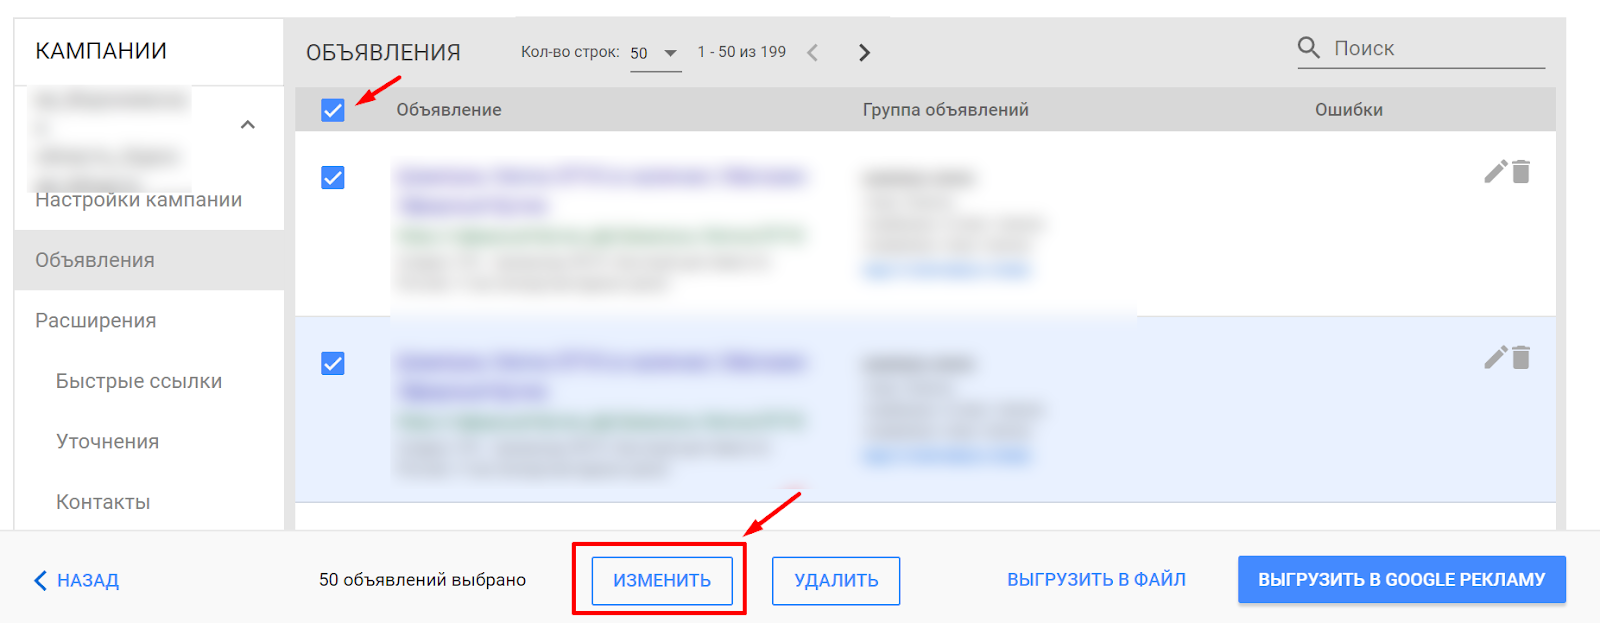 Перенос кампаний из яндекса в гугл